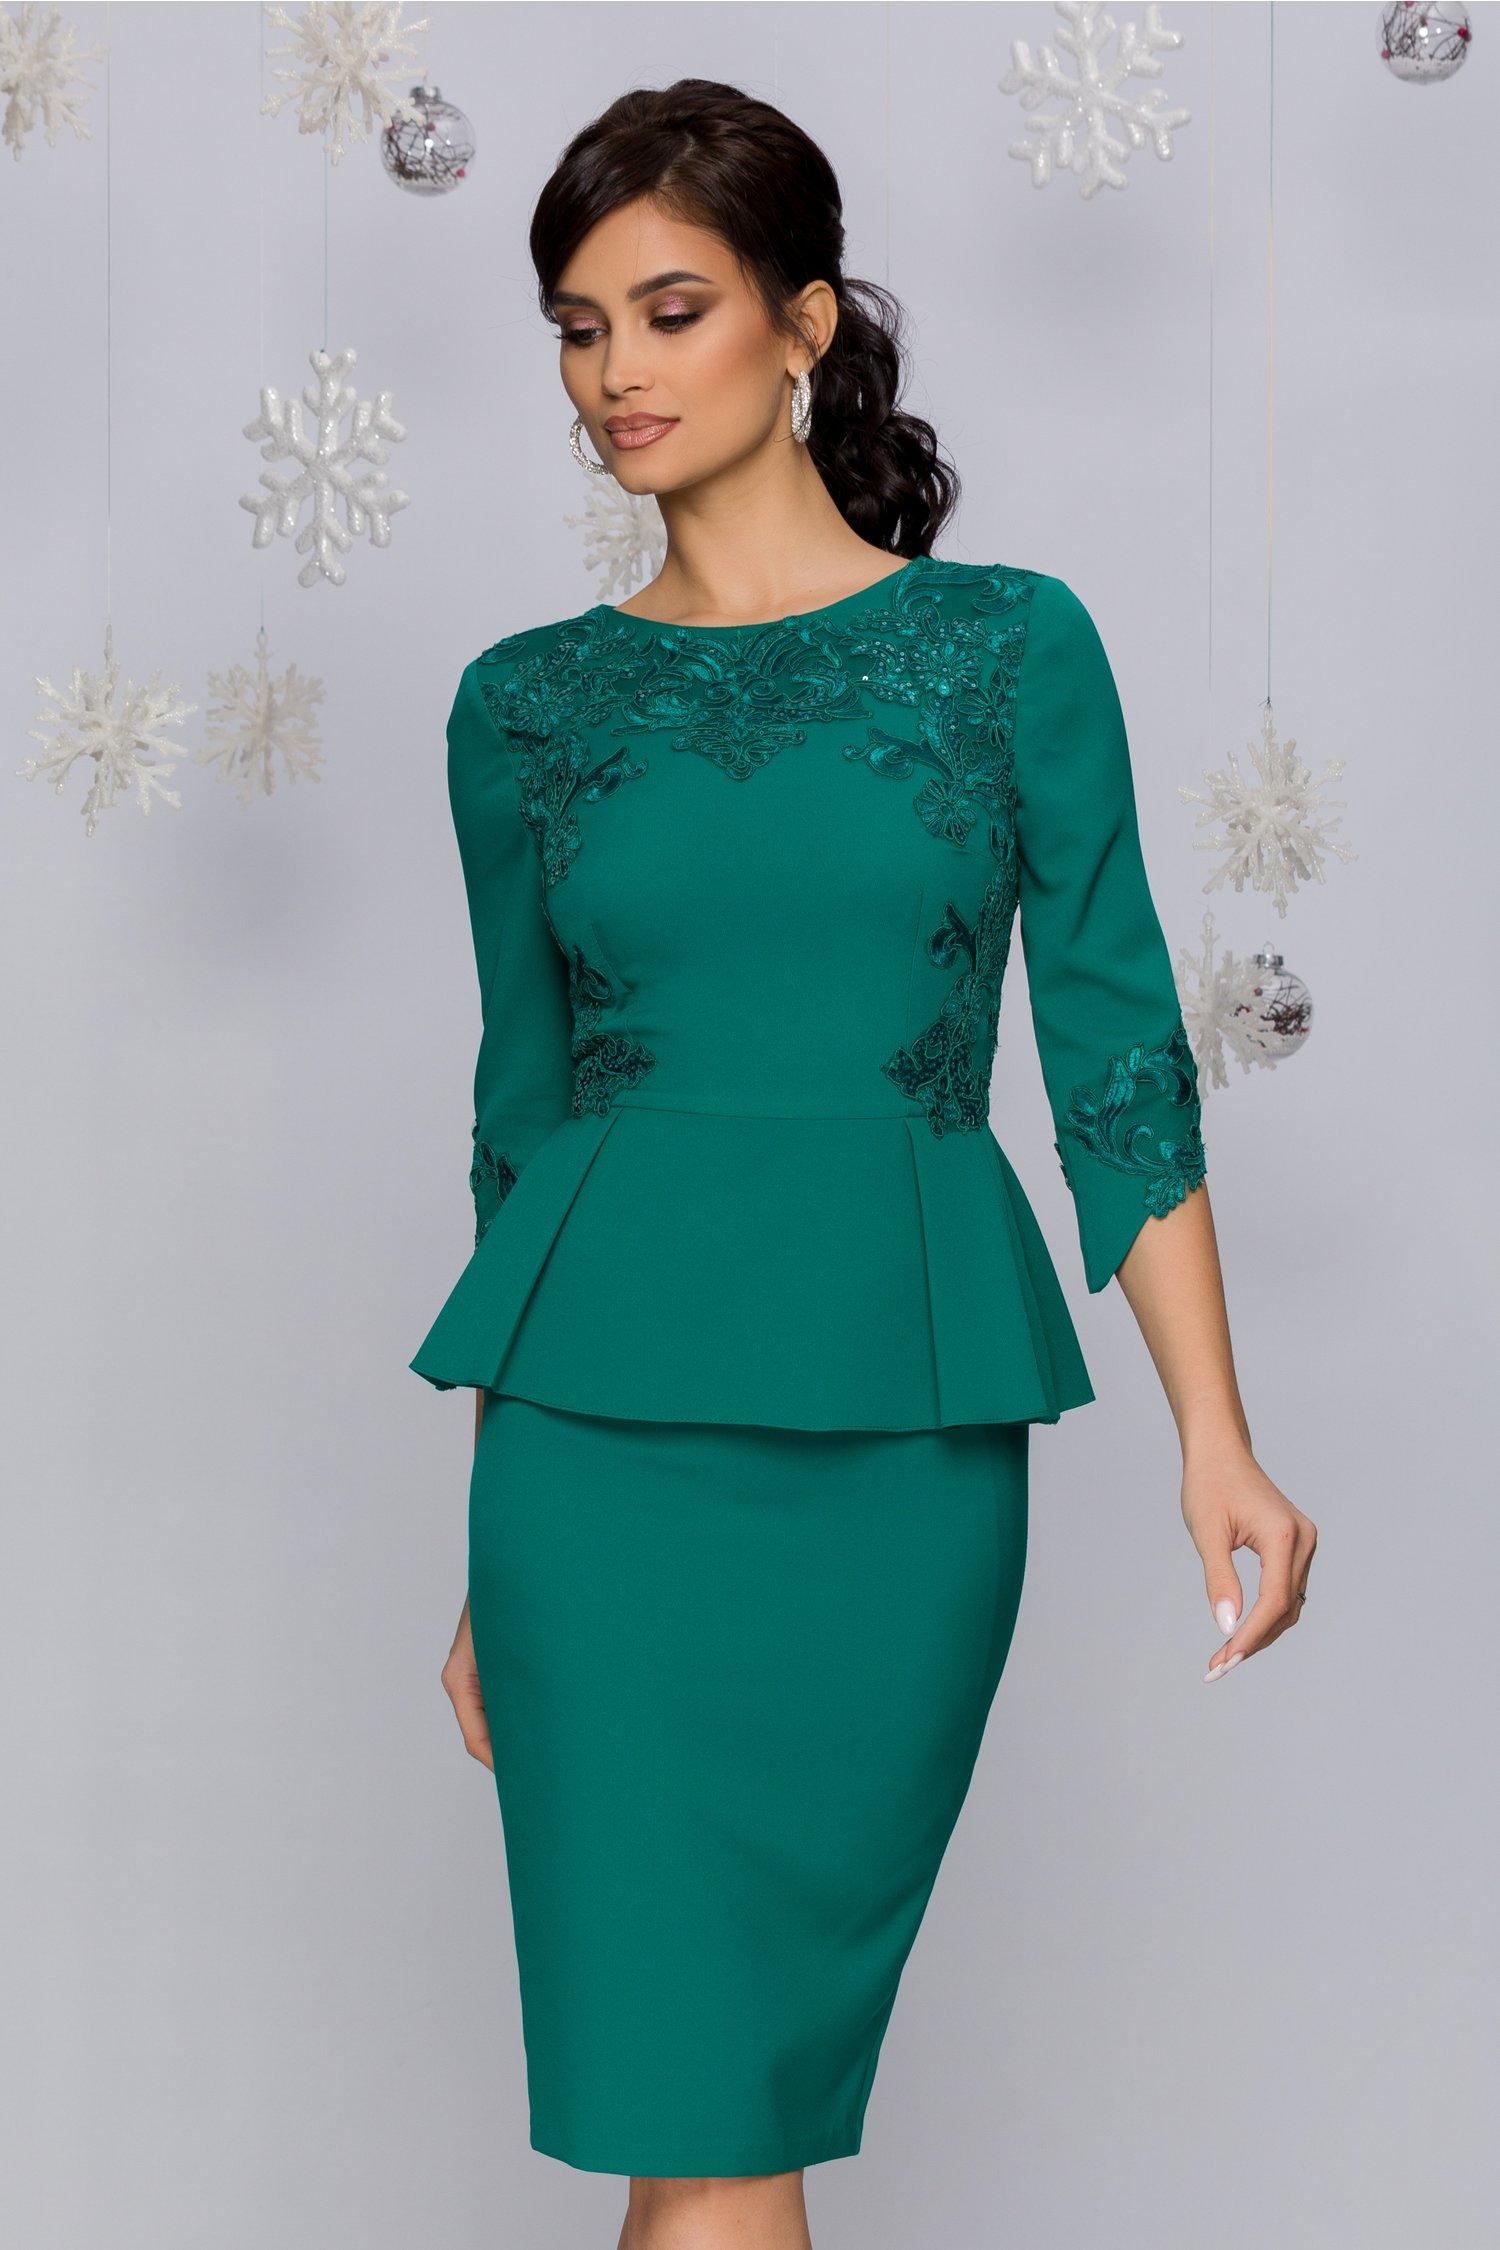 Rochie MBG verde cu peplum si broderie florala cu paiete